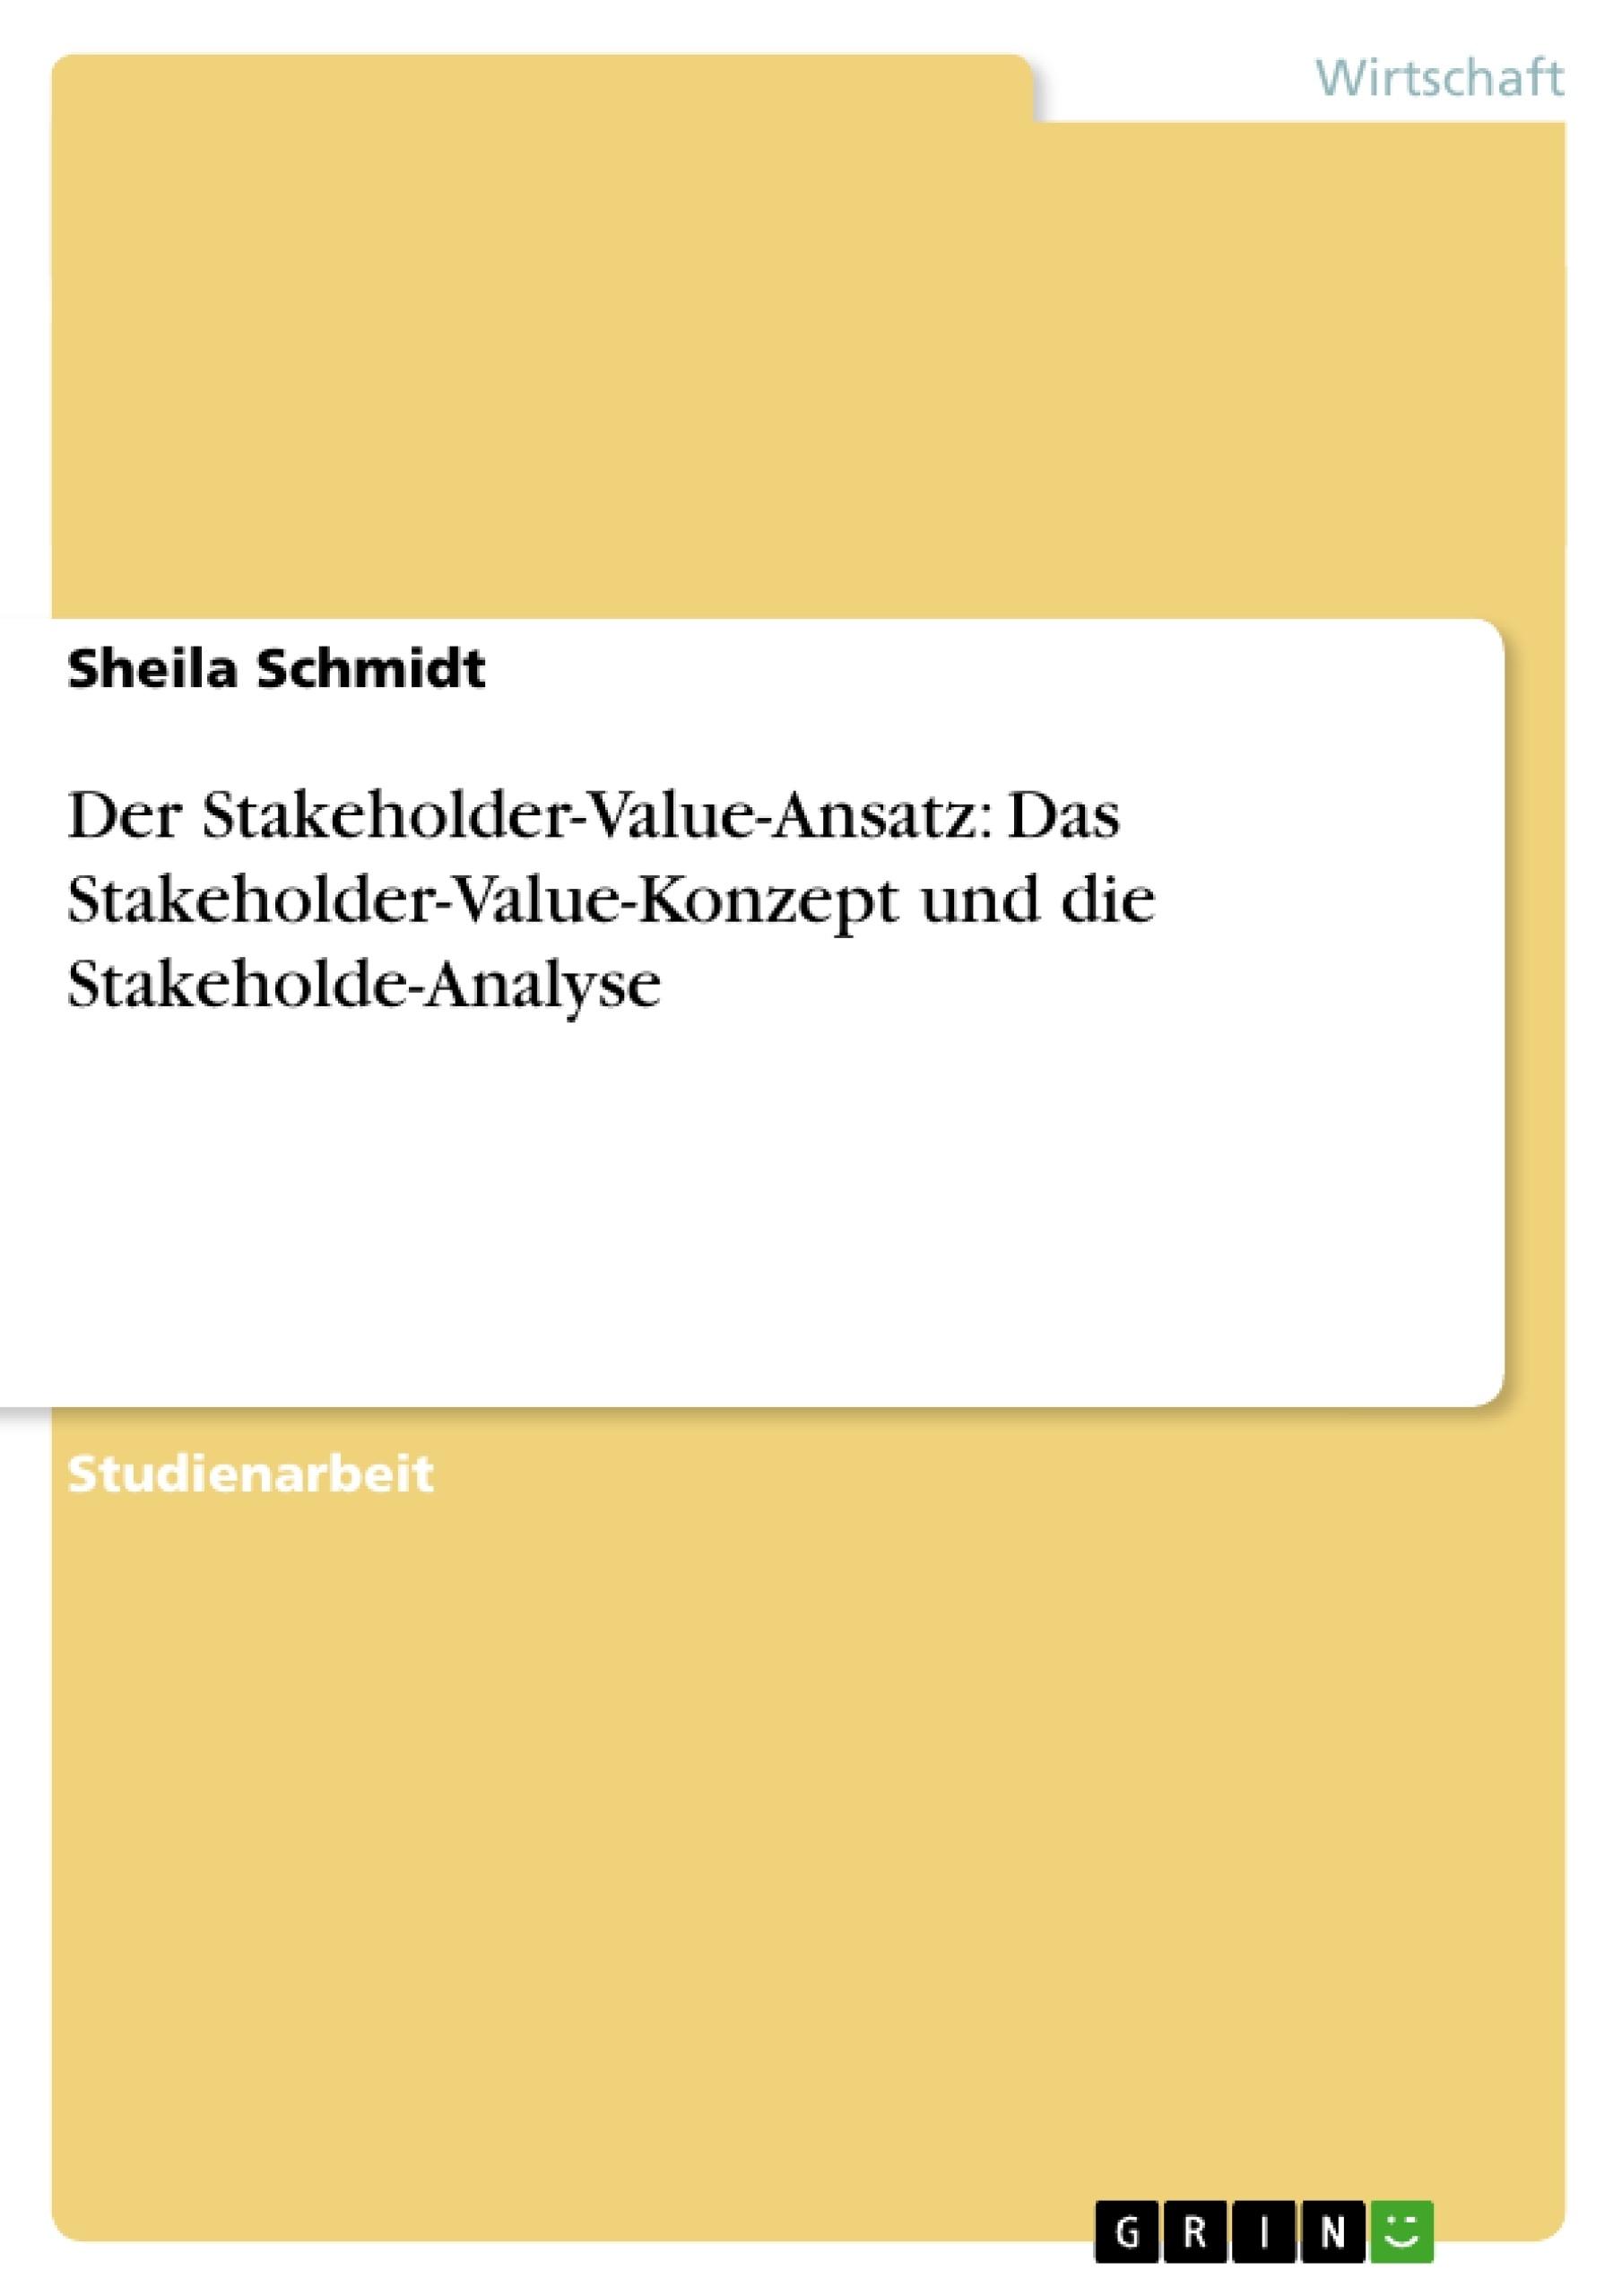 Titel: Der Stakeholder-Value-Ansatz: Das Stakeholder-Value-Konzept und die Stakeholde-Analyse